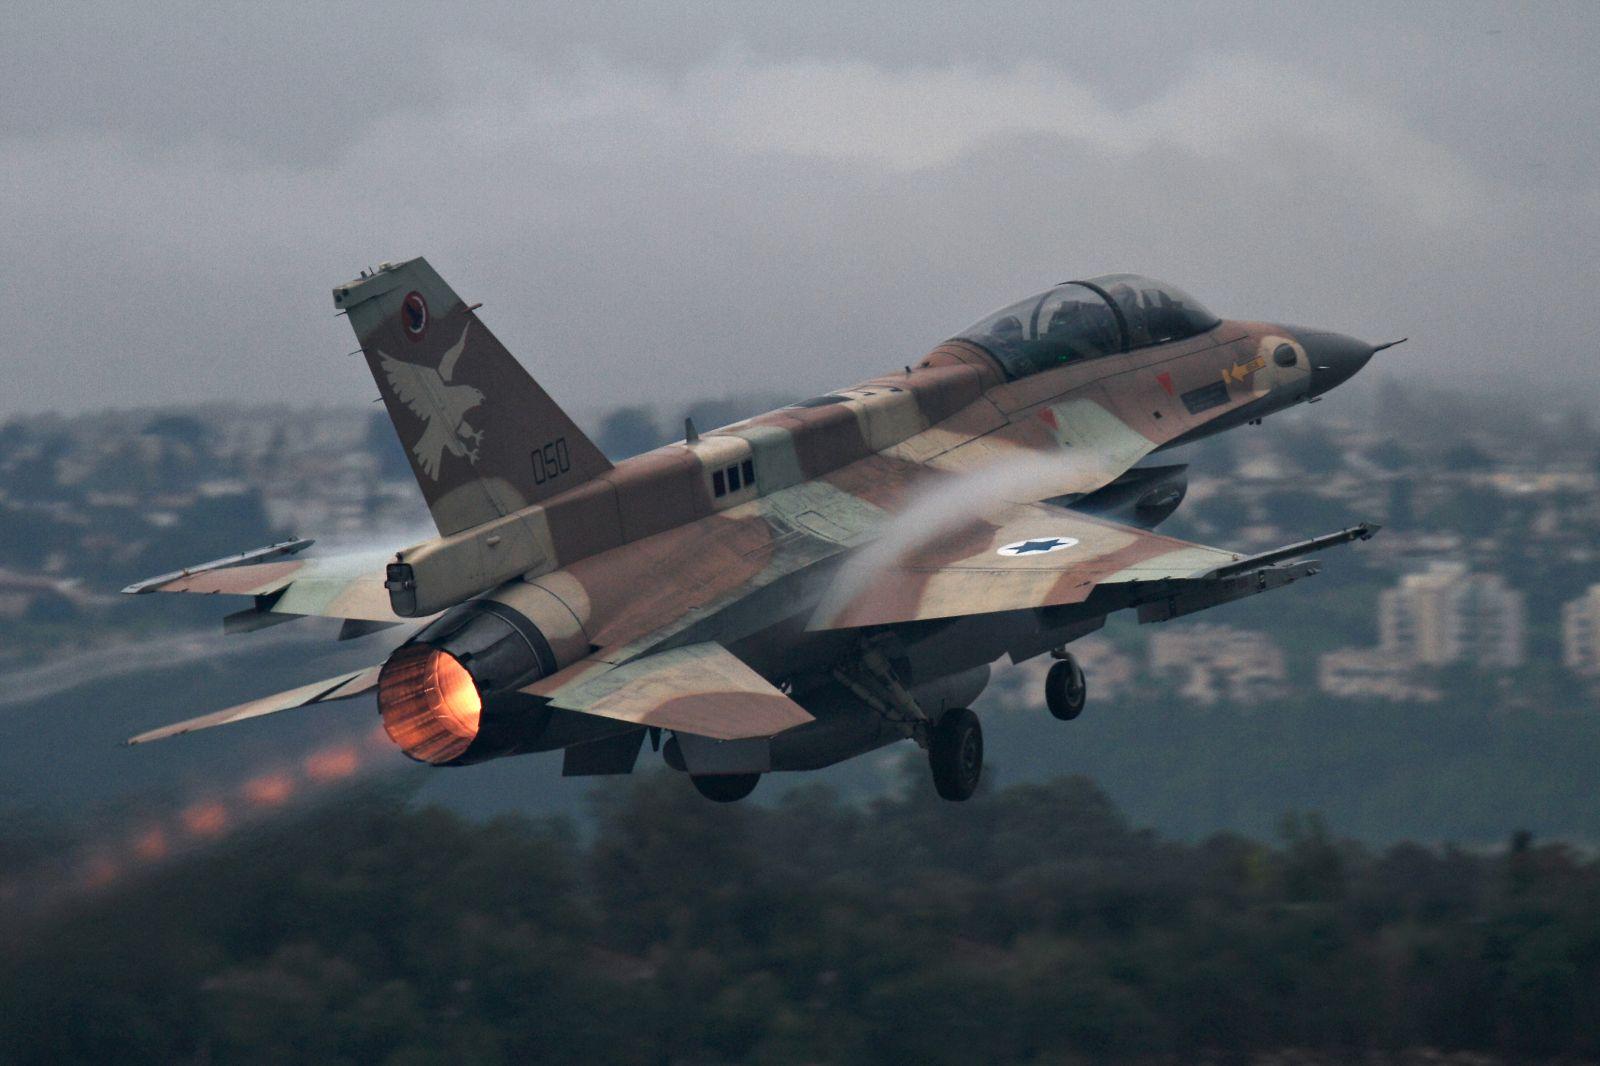 خطة إسرائيل للحرب في الشمال: تحصينات وعوائق وإجلاء 78 ألف شخص